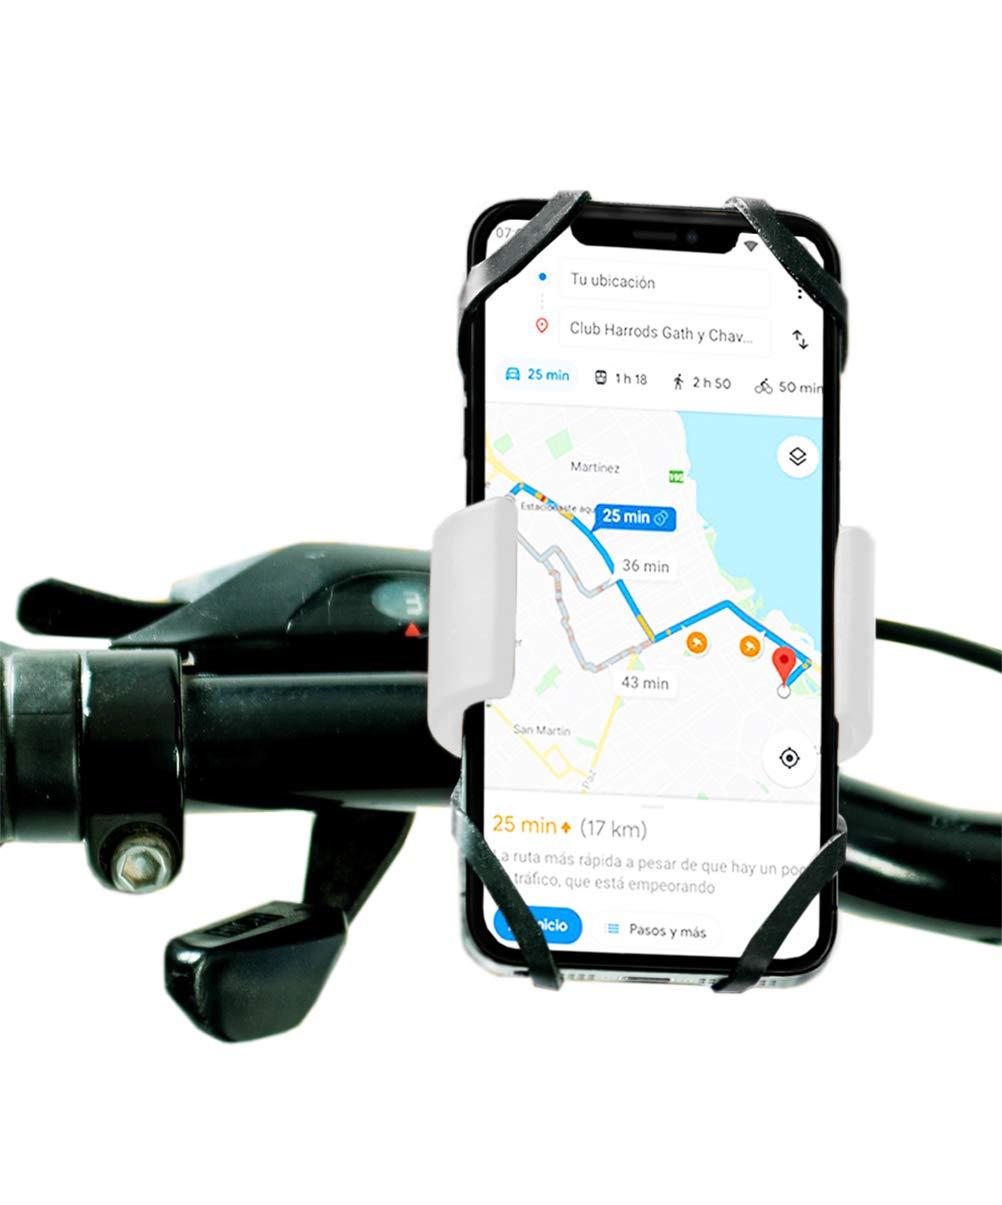 Antber Soporte movil para Moto Compatible con iPhone XR Doble sujecion Universal valido para Todo Tipo de manillares Soporte movil Bici Soporte Moto movil (Blanco): Amazon.es: Electrónica